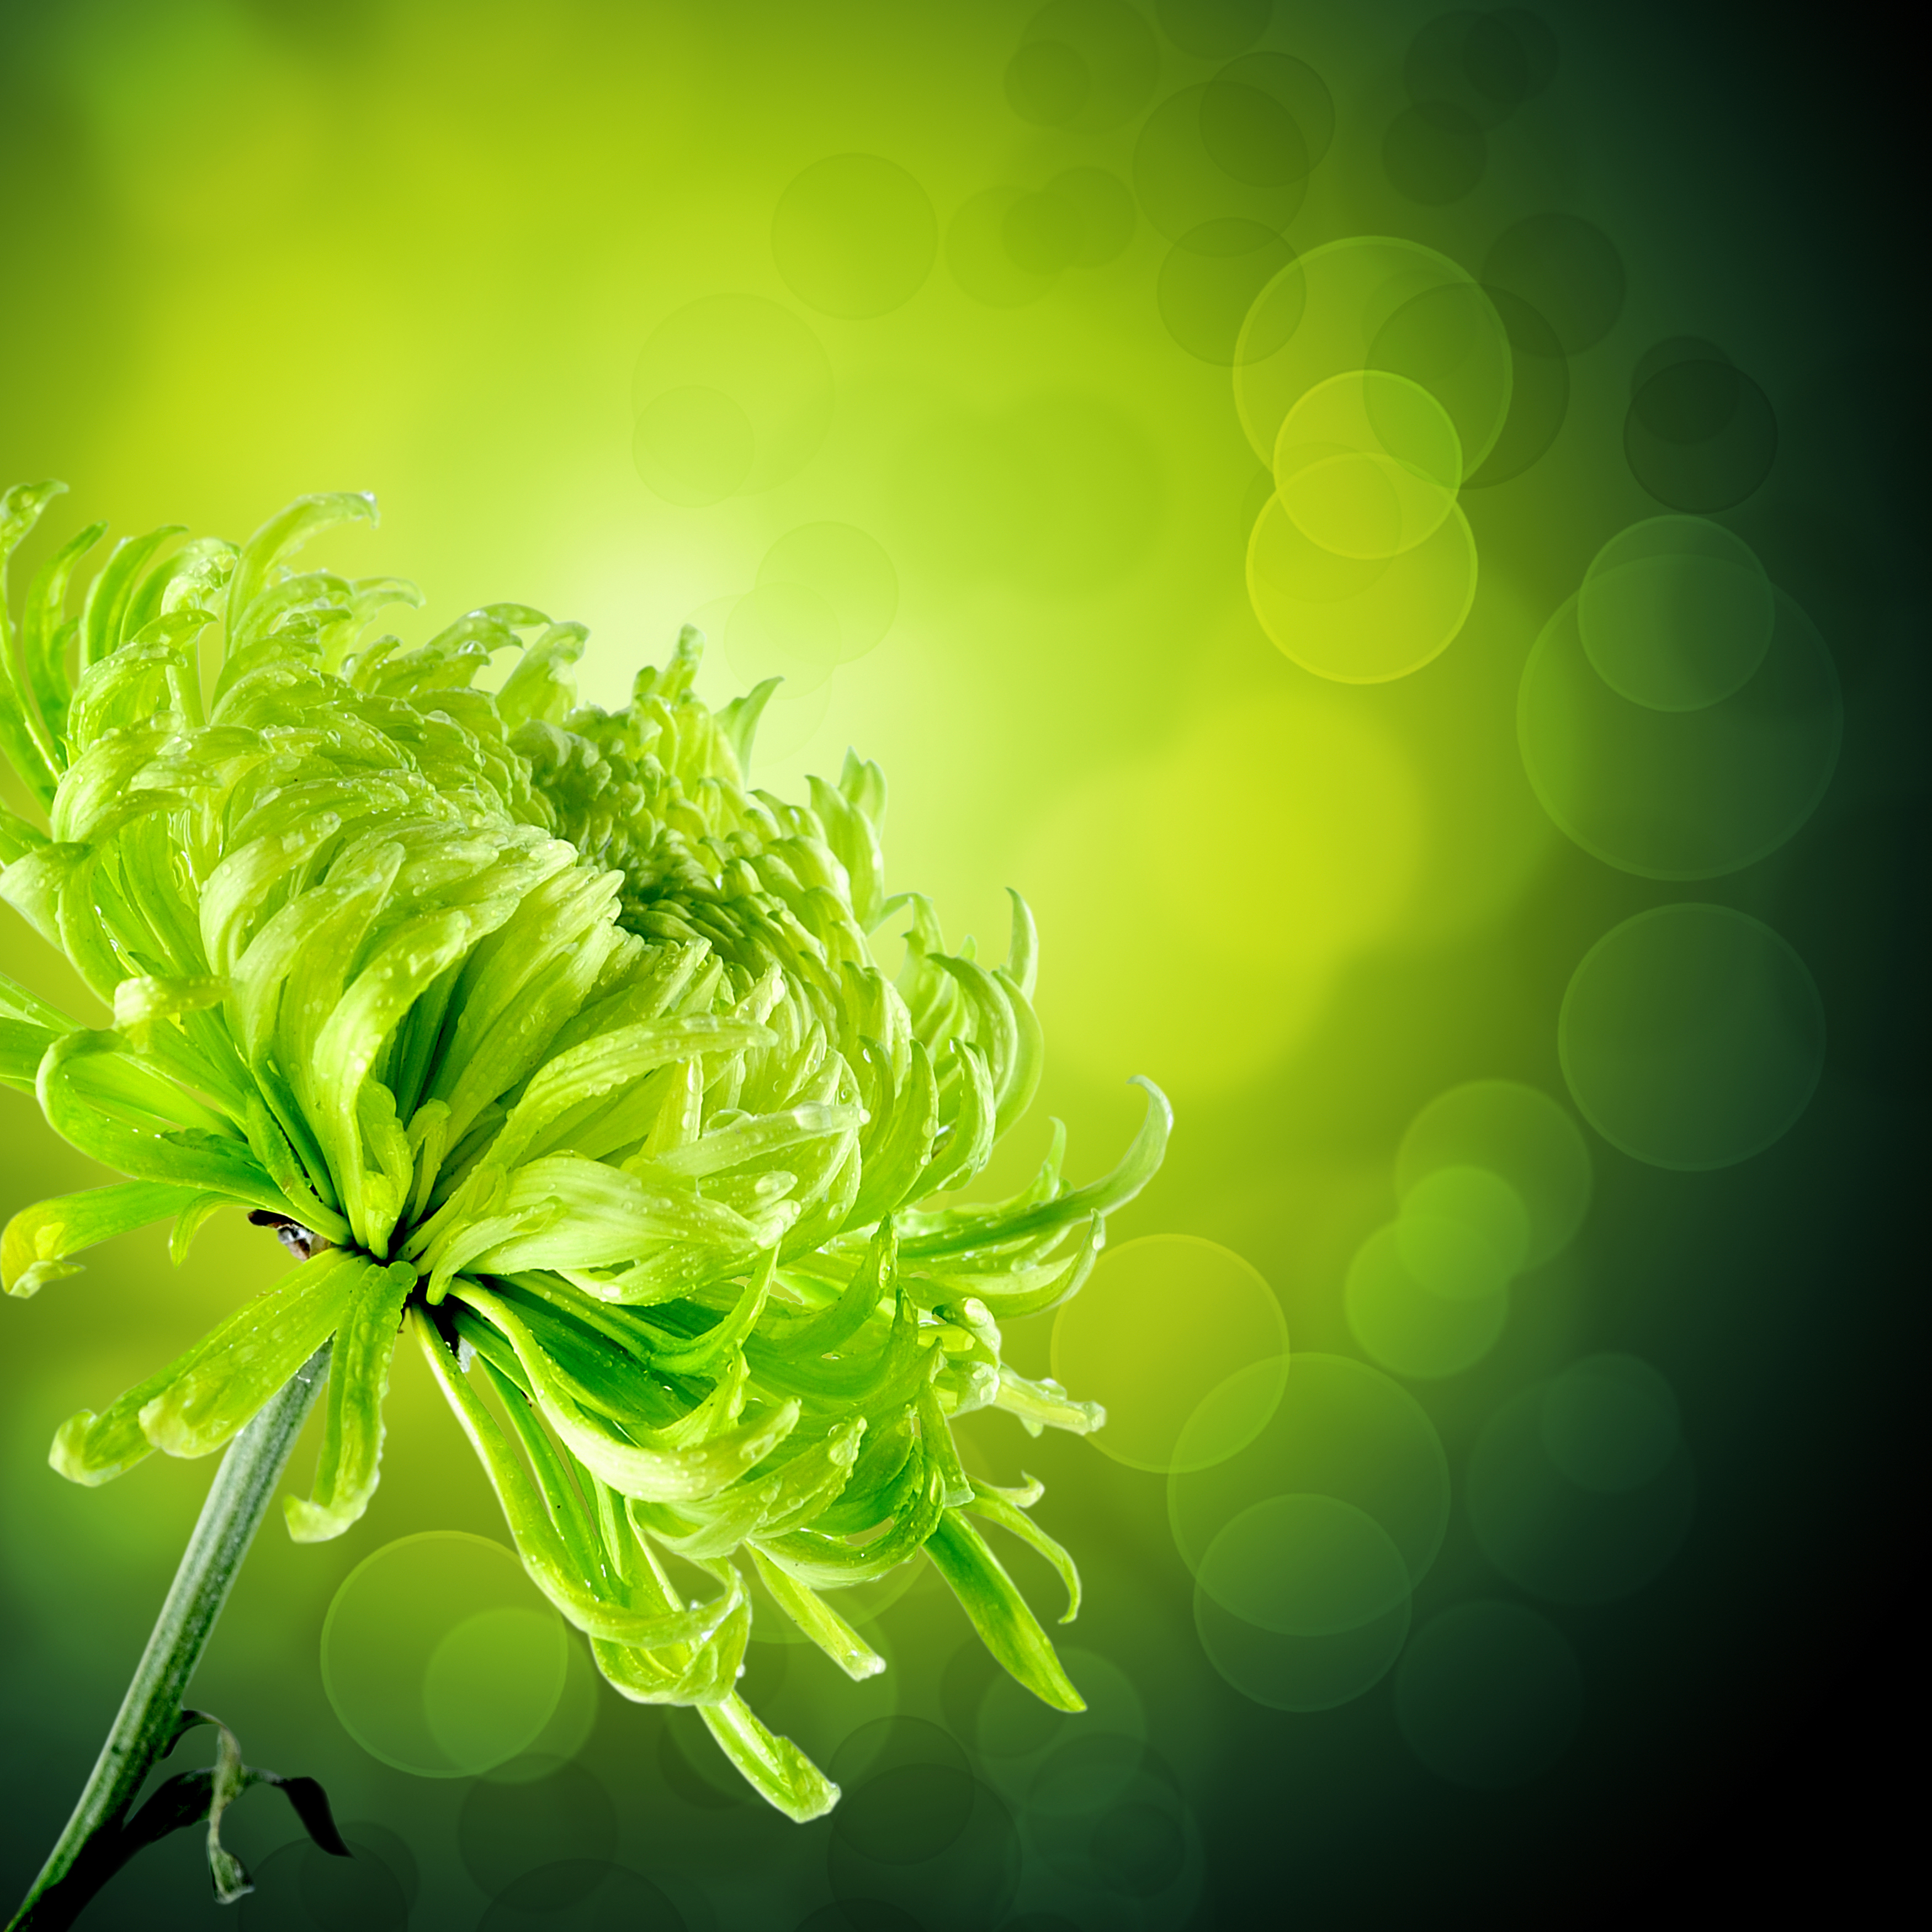 Картинки в желто зеленых тонах